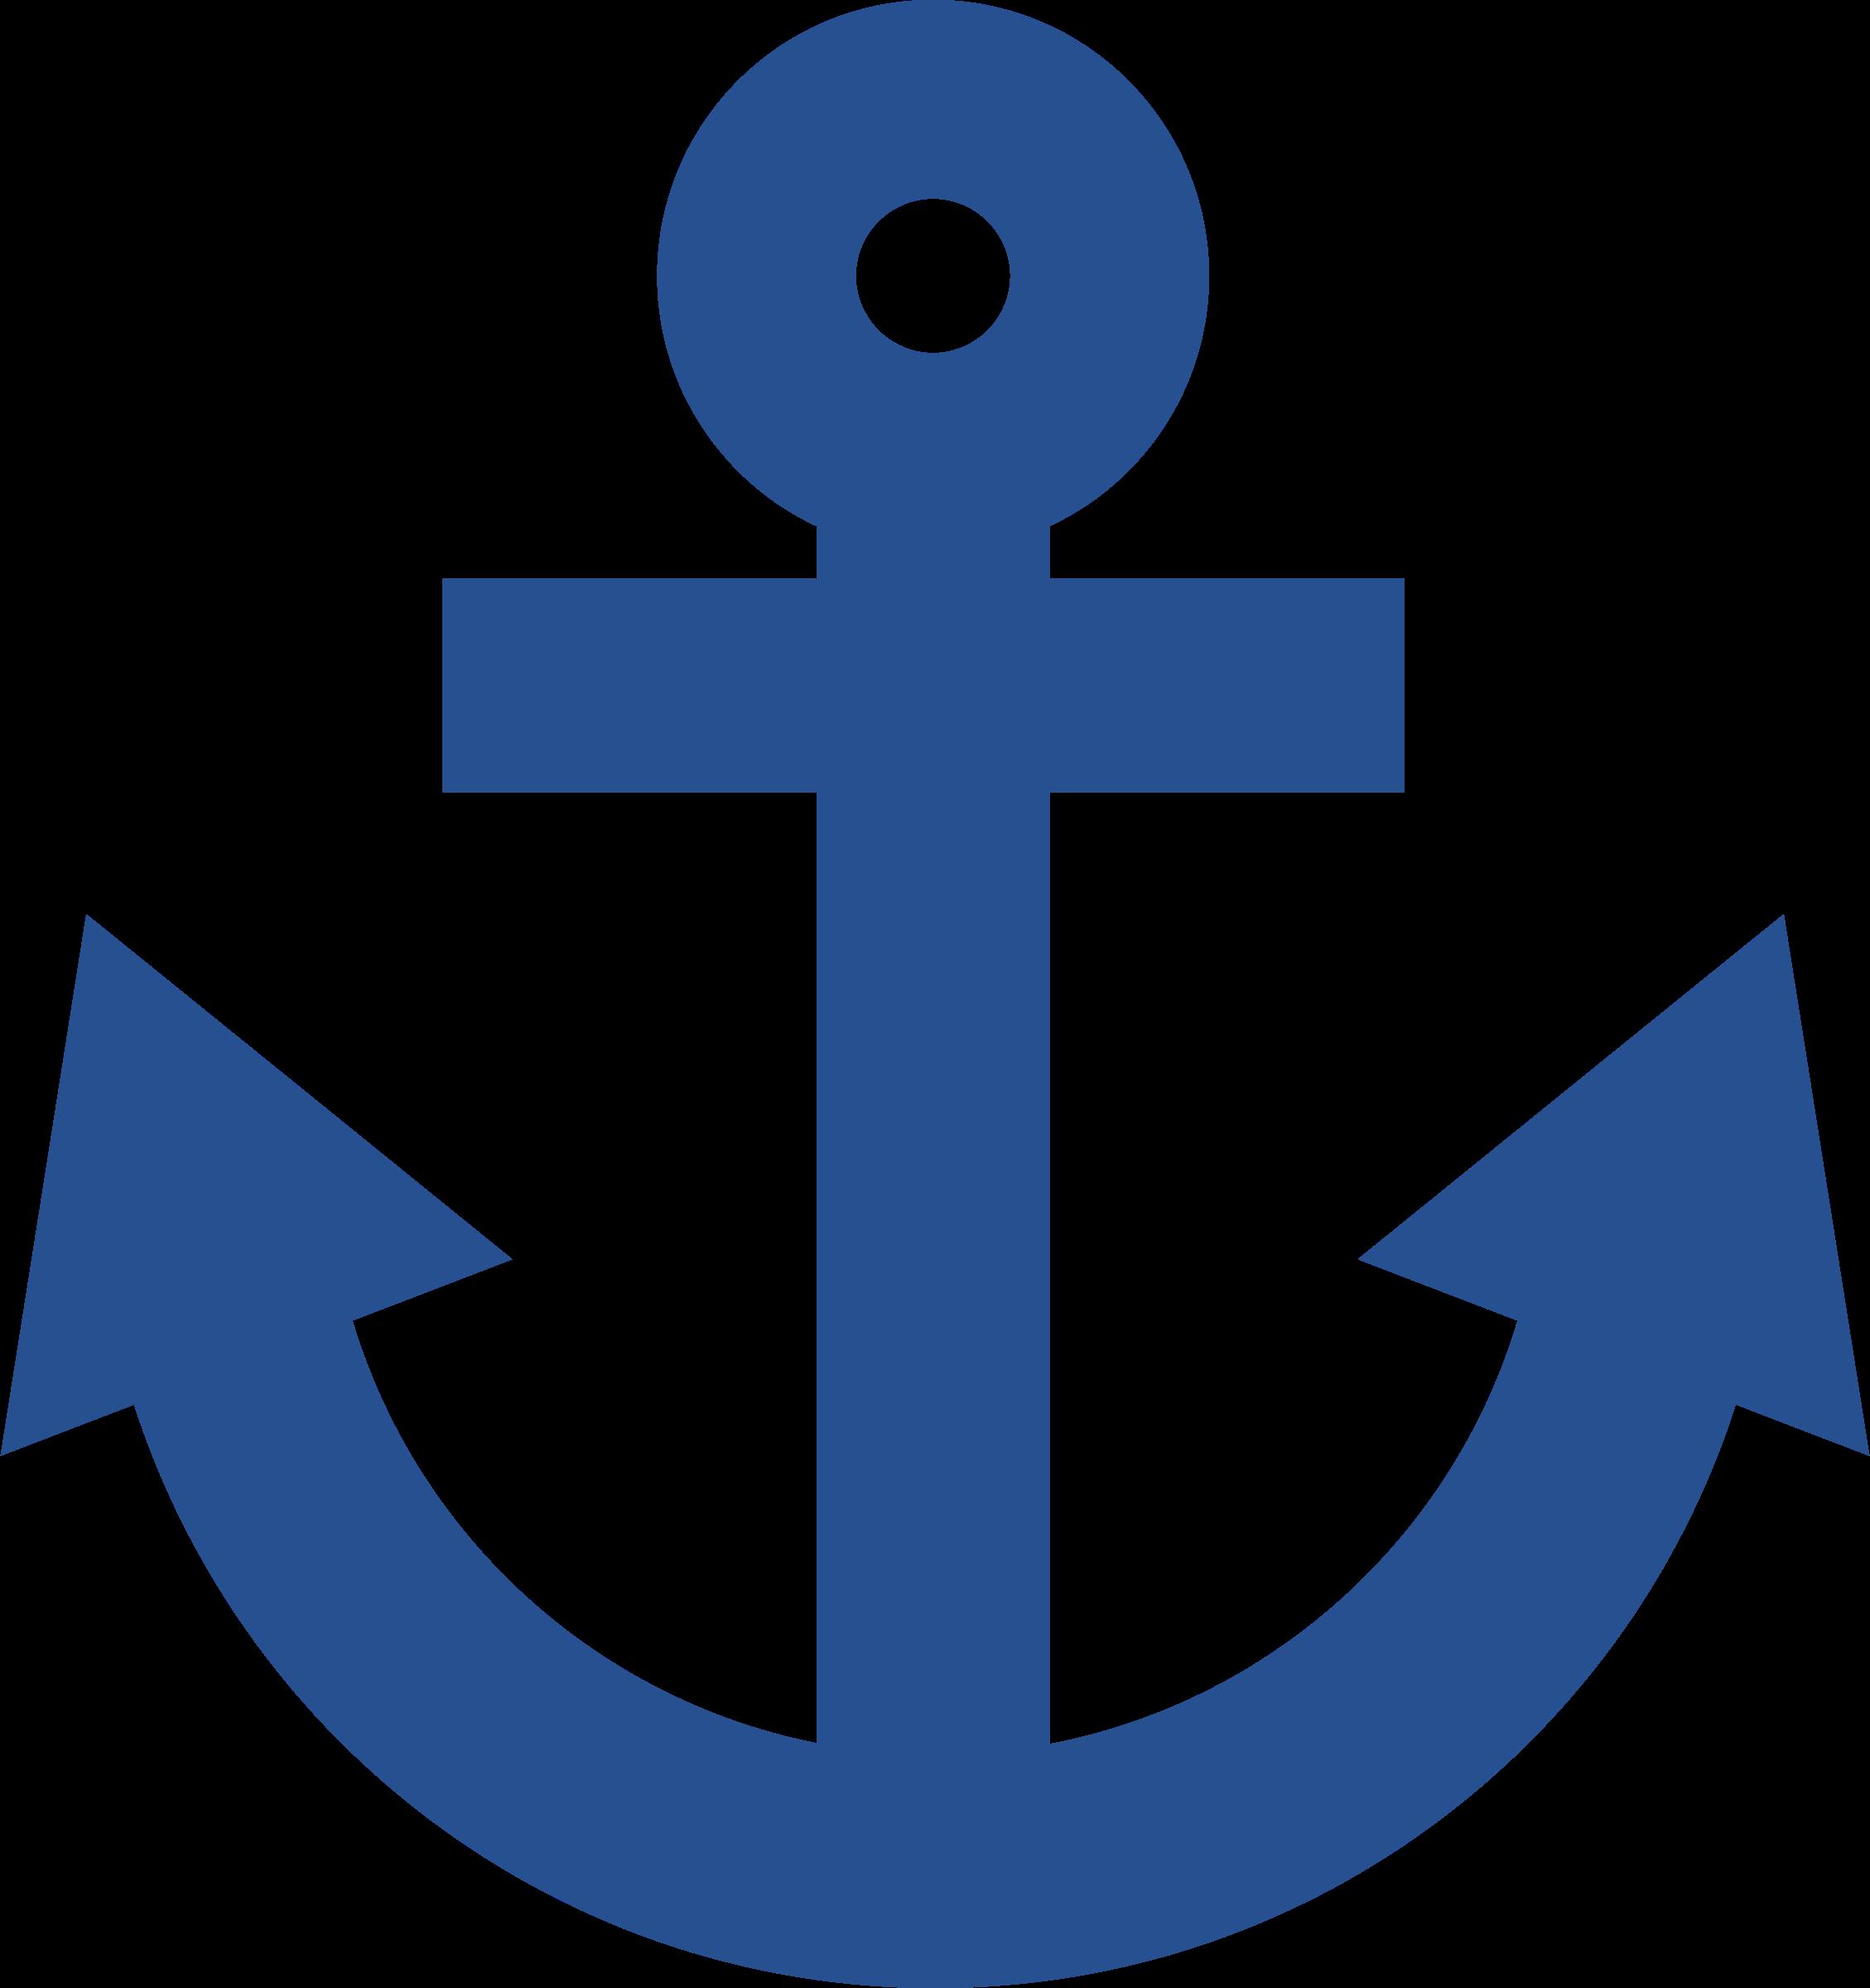 Clipart anchor sea anchor.